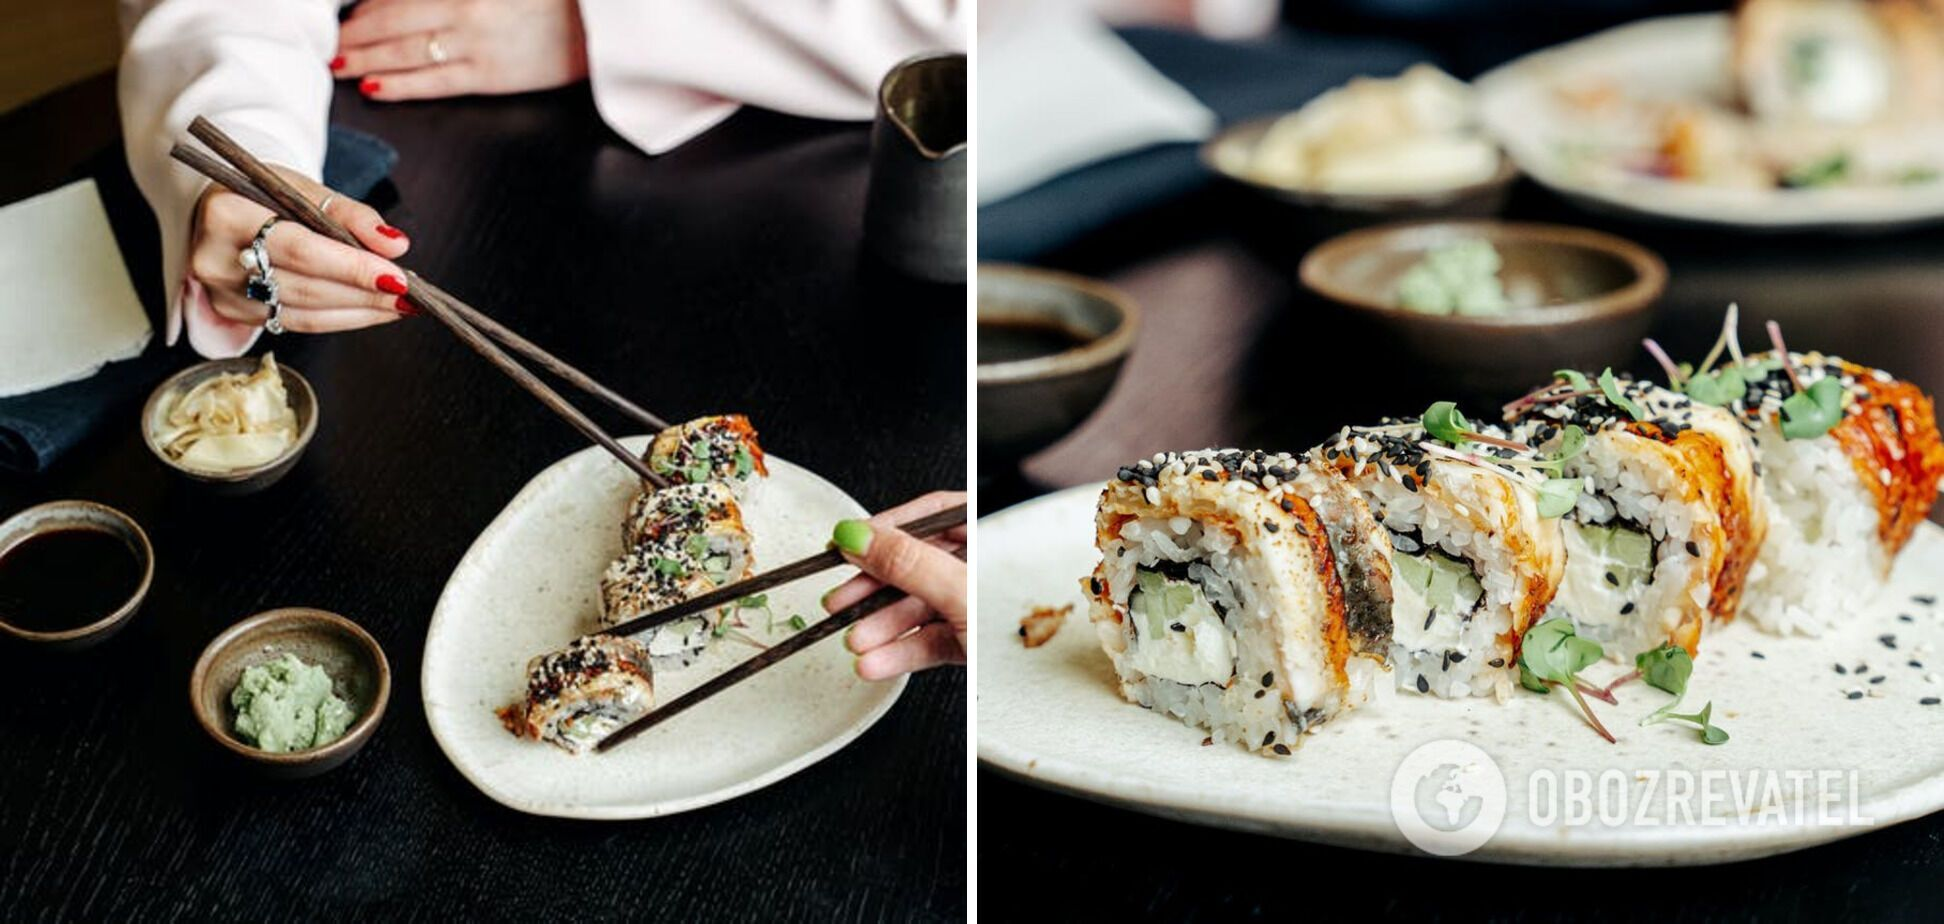 Опасный продукт – суши